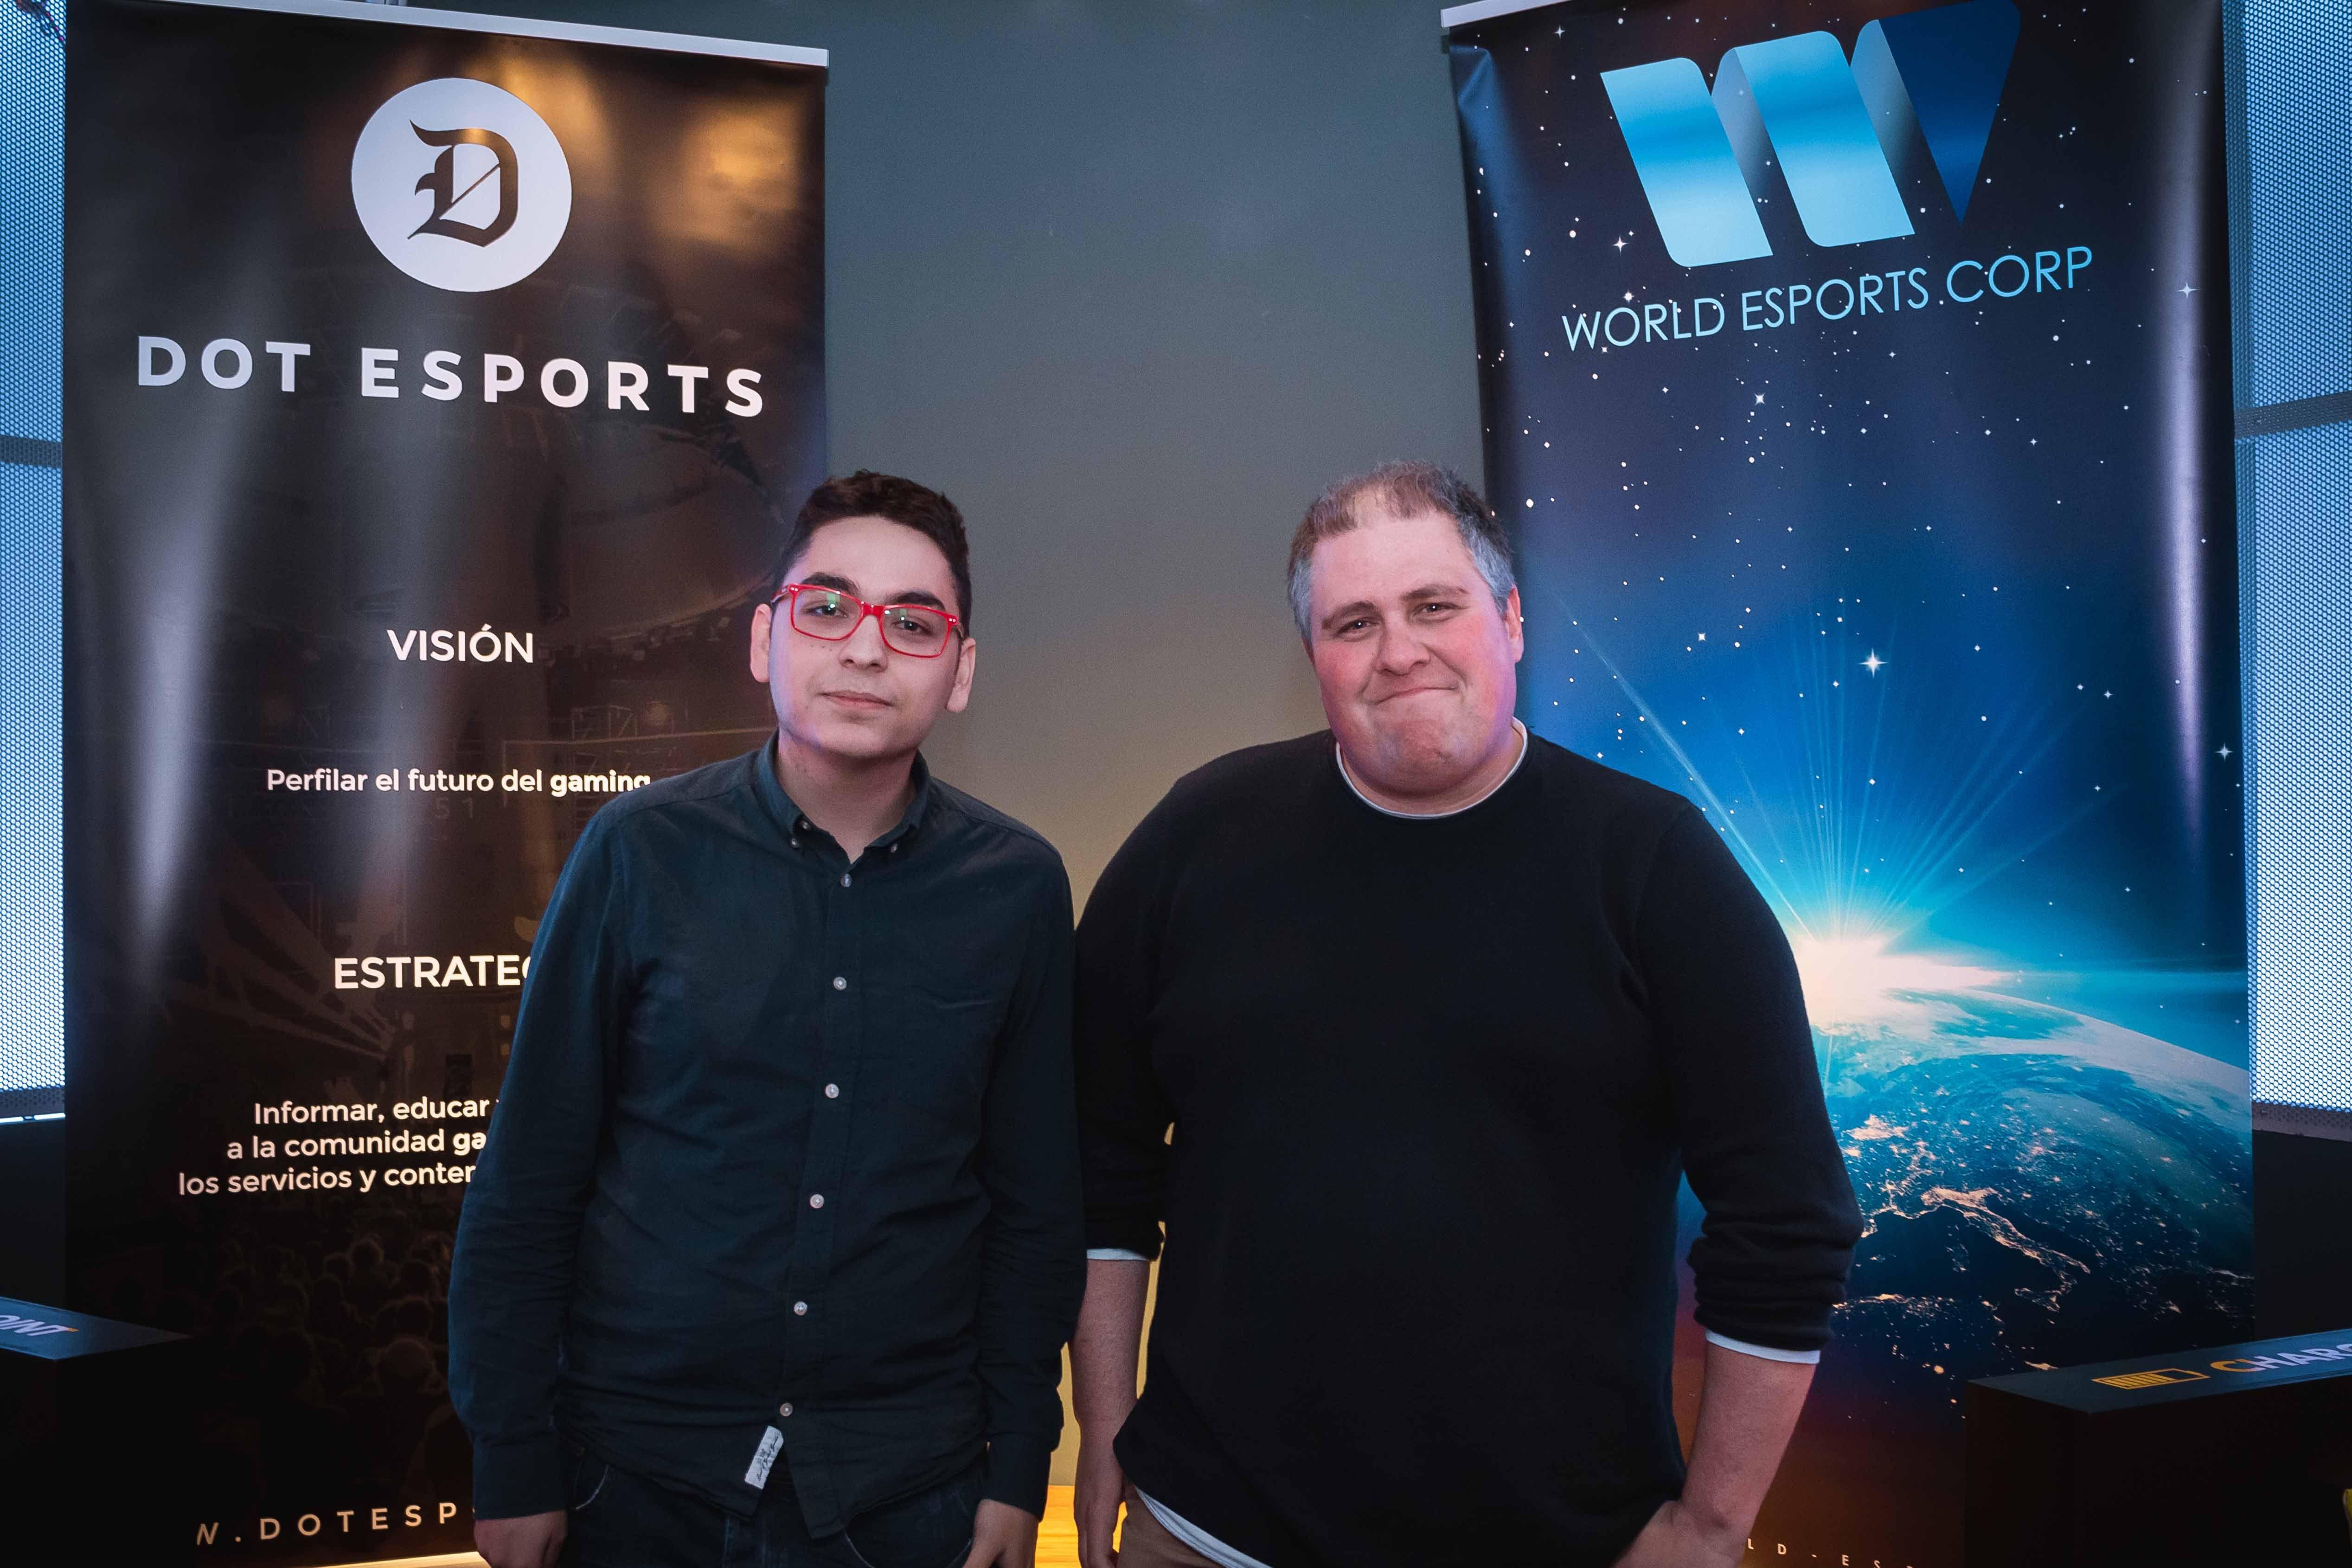 Fotografia Presentación de Dot eSports